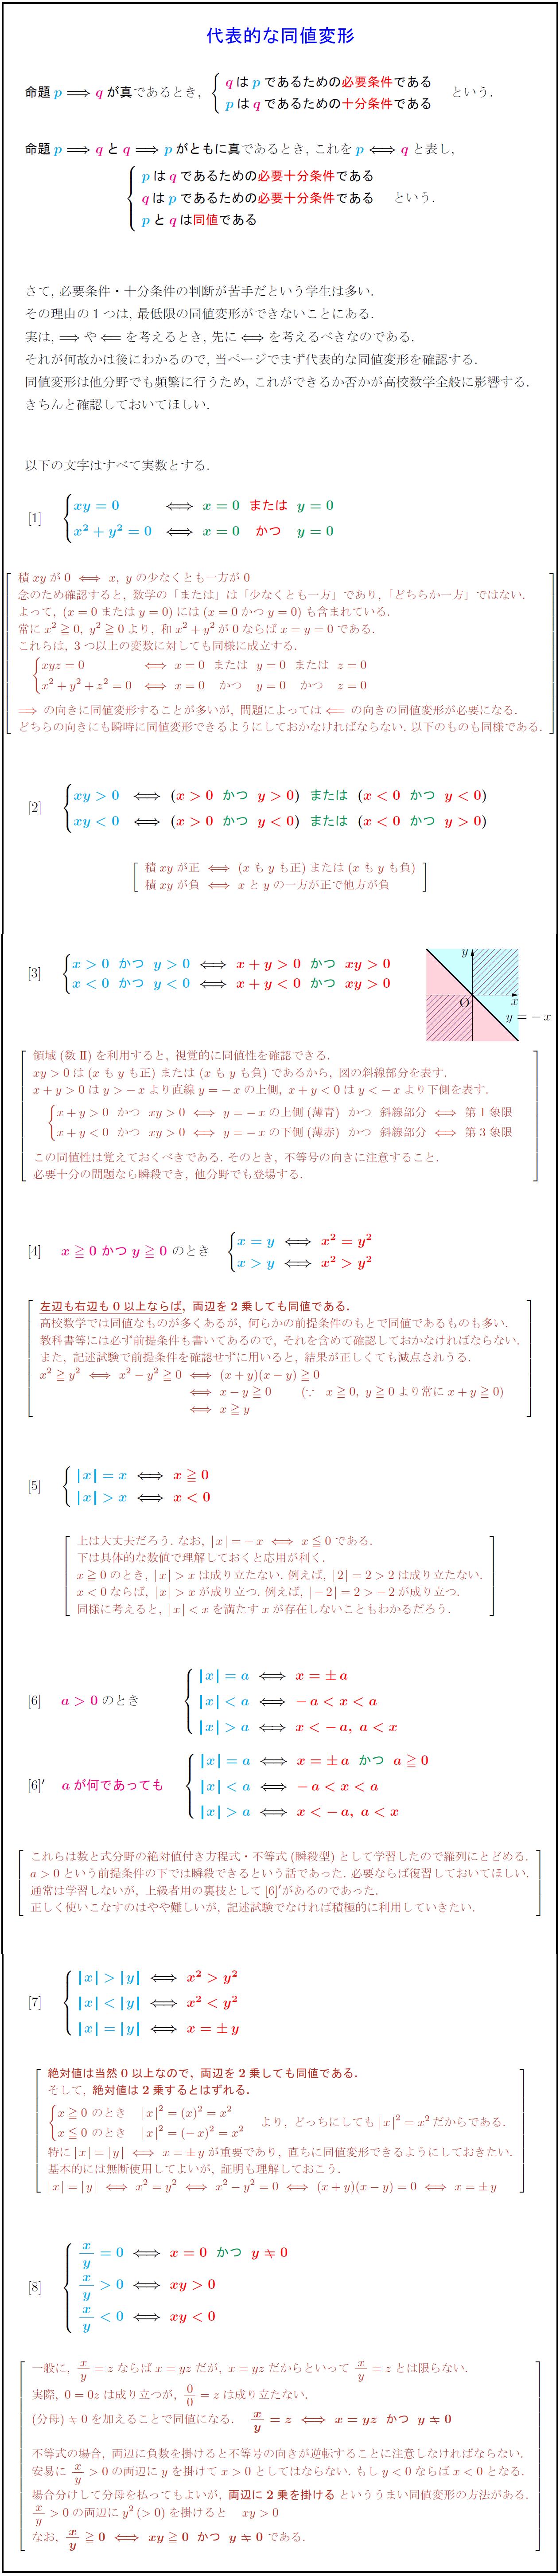 高校数学Ⅰ】代表的な同値変形8パターンとその証明(高校数学最重要 ...